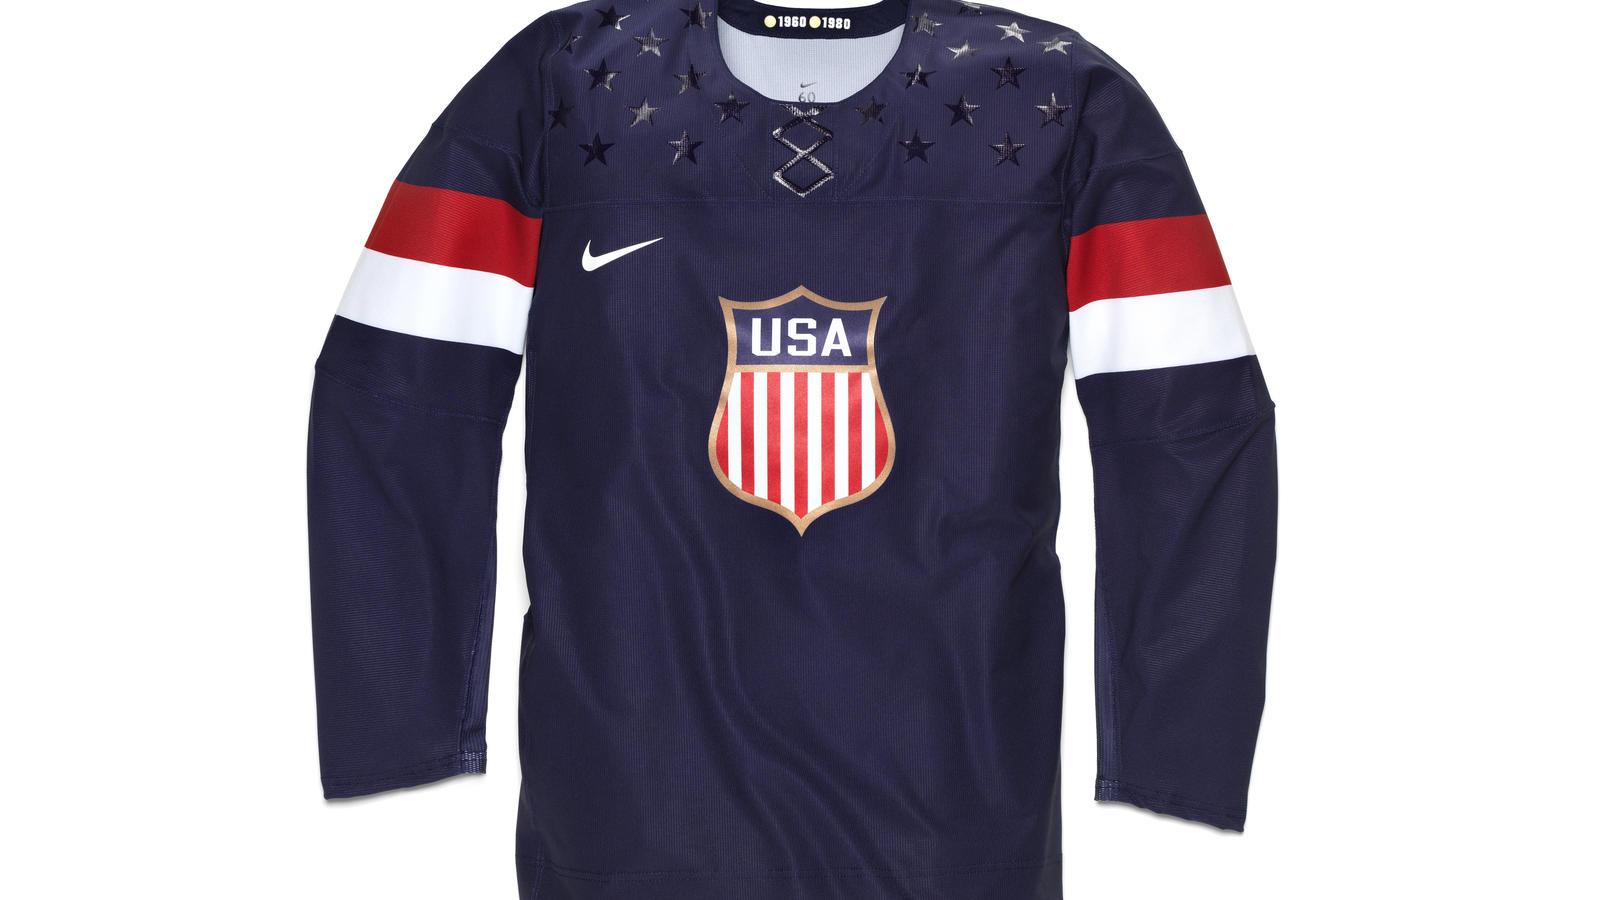 nike usa jersey blue. nike usa jersey detail 3. nike usa jersey detail 1.  nike usa jersey detail 4. nike usa jersey white. nike usa jersey detail 2 1ee43da4b9c